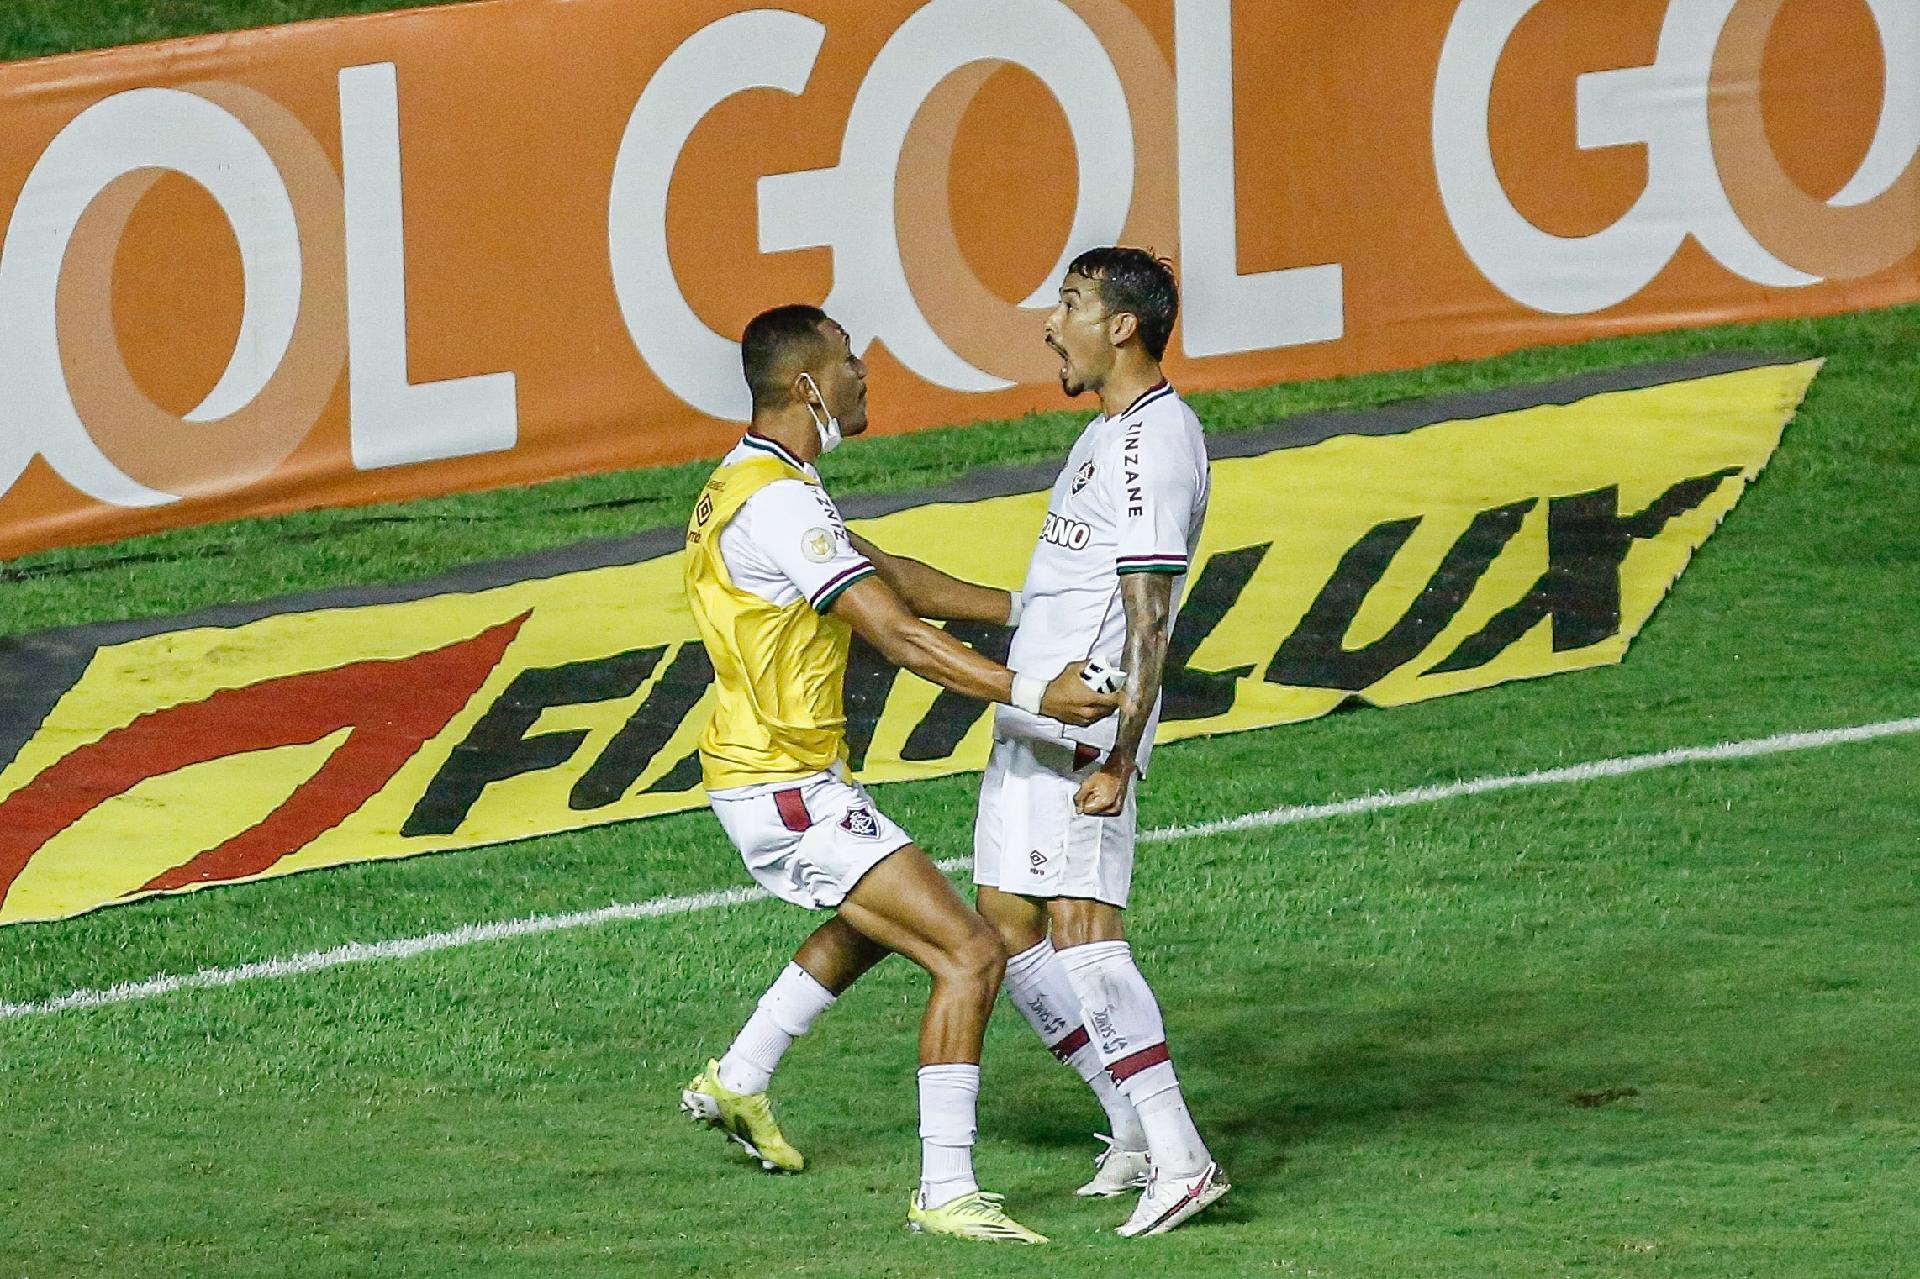 Lucca celebra o seu primeiro gol pelo Fluminense no duelo contra o Sport, na Ilha do Retiro, pelo Brasileirão 2021